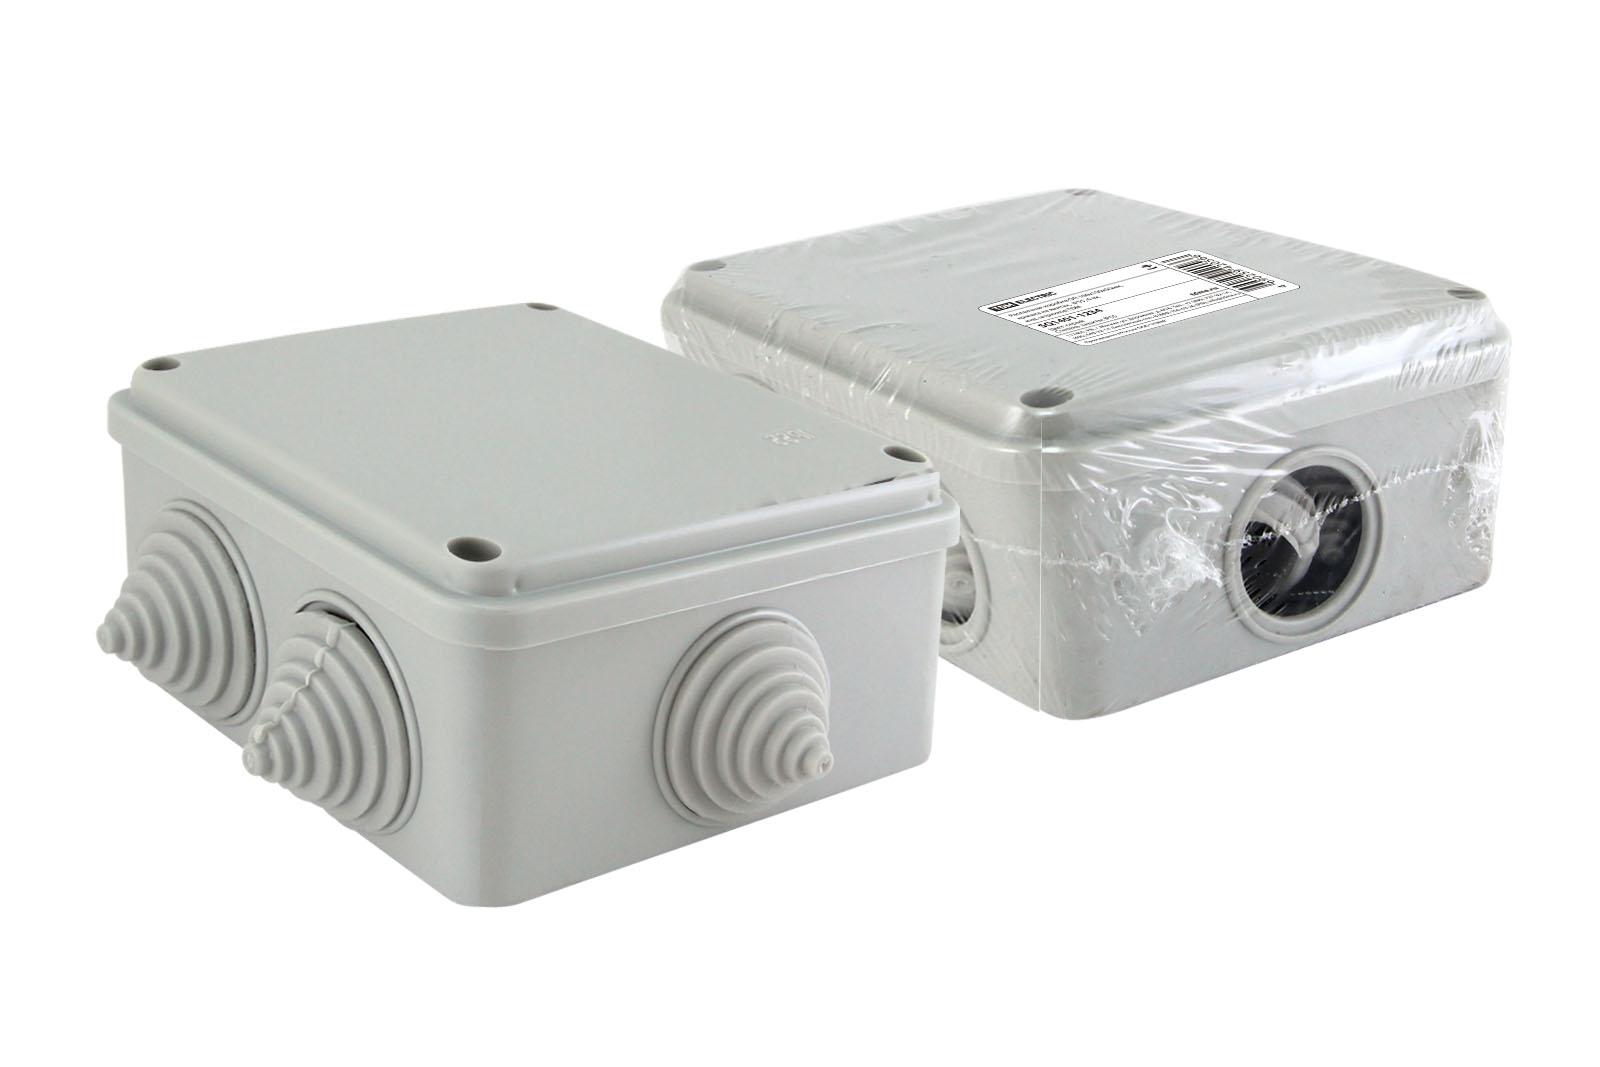 Фото Распаячная коробка ОП 100х100х50мм, крышка на винтах, IP55, 6 вх. инд. штрихкод TDM {SQ1401-1234}